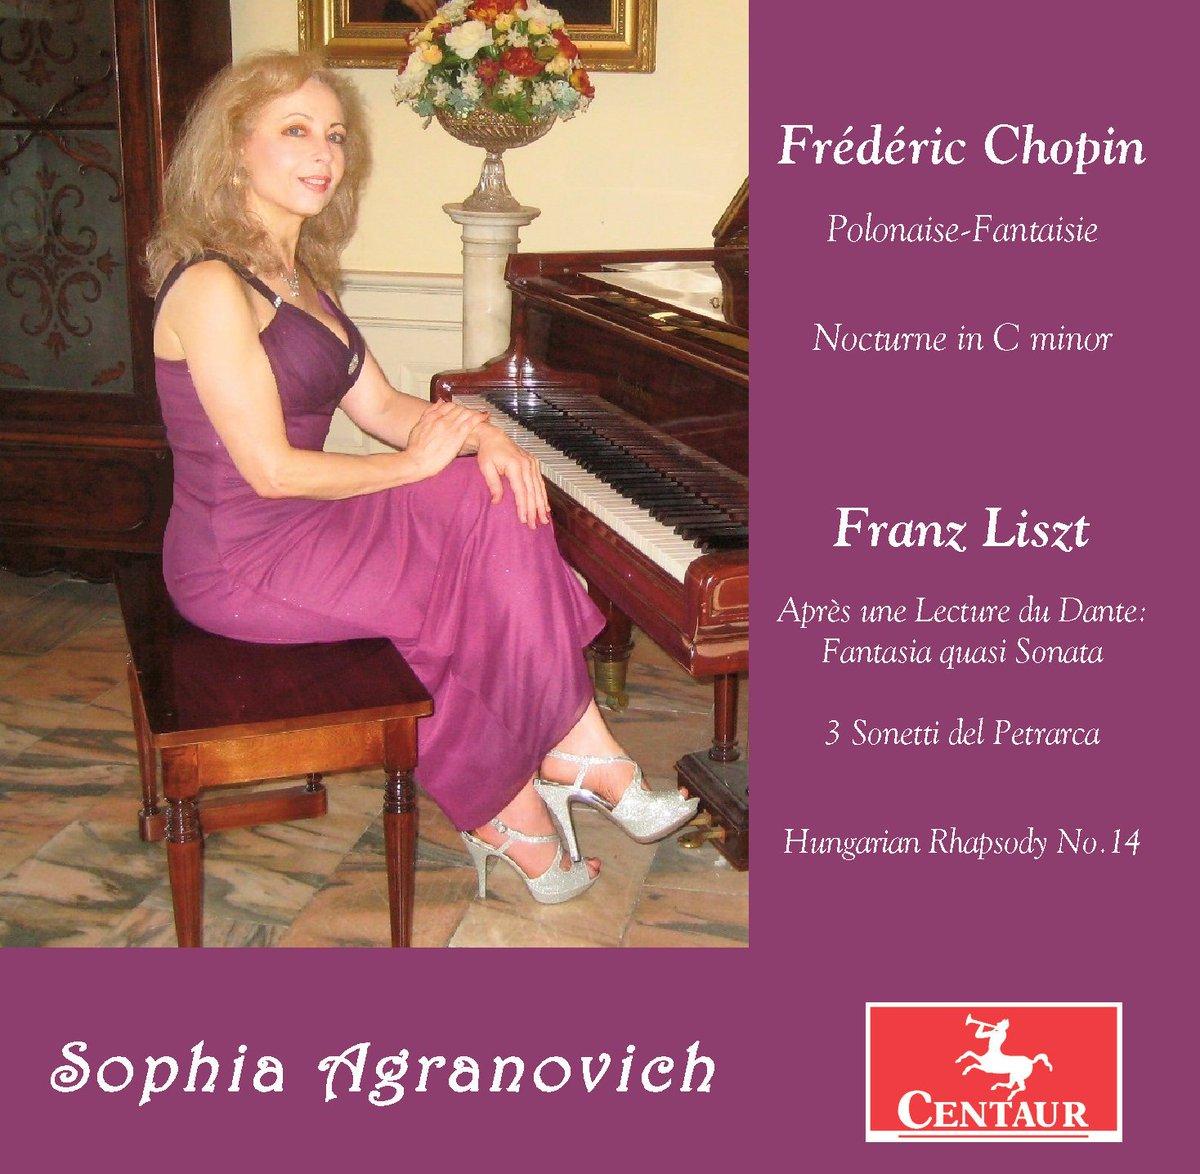 Sophia Agranovich SophiAgranovich